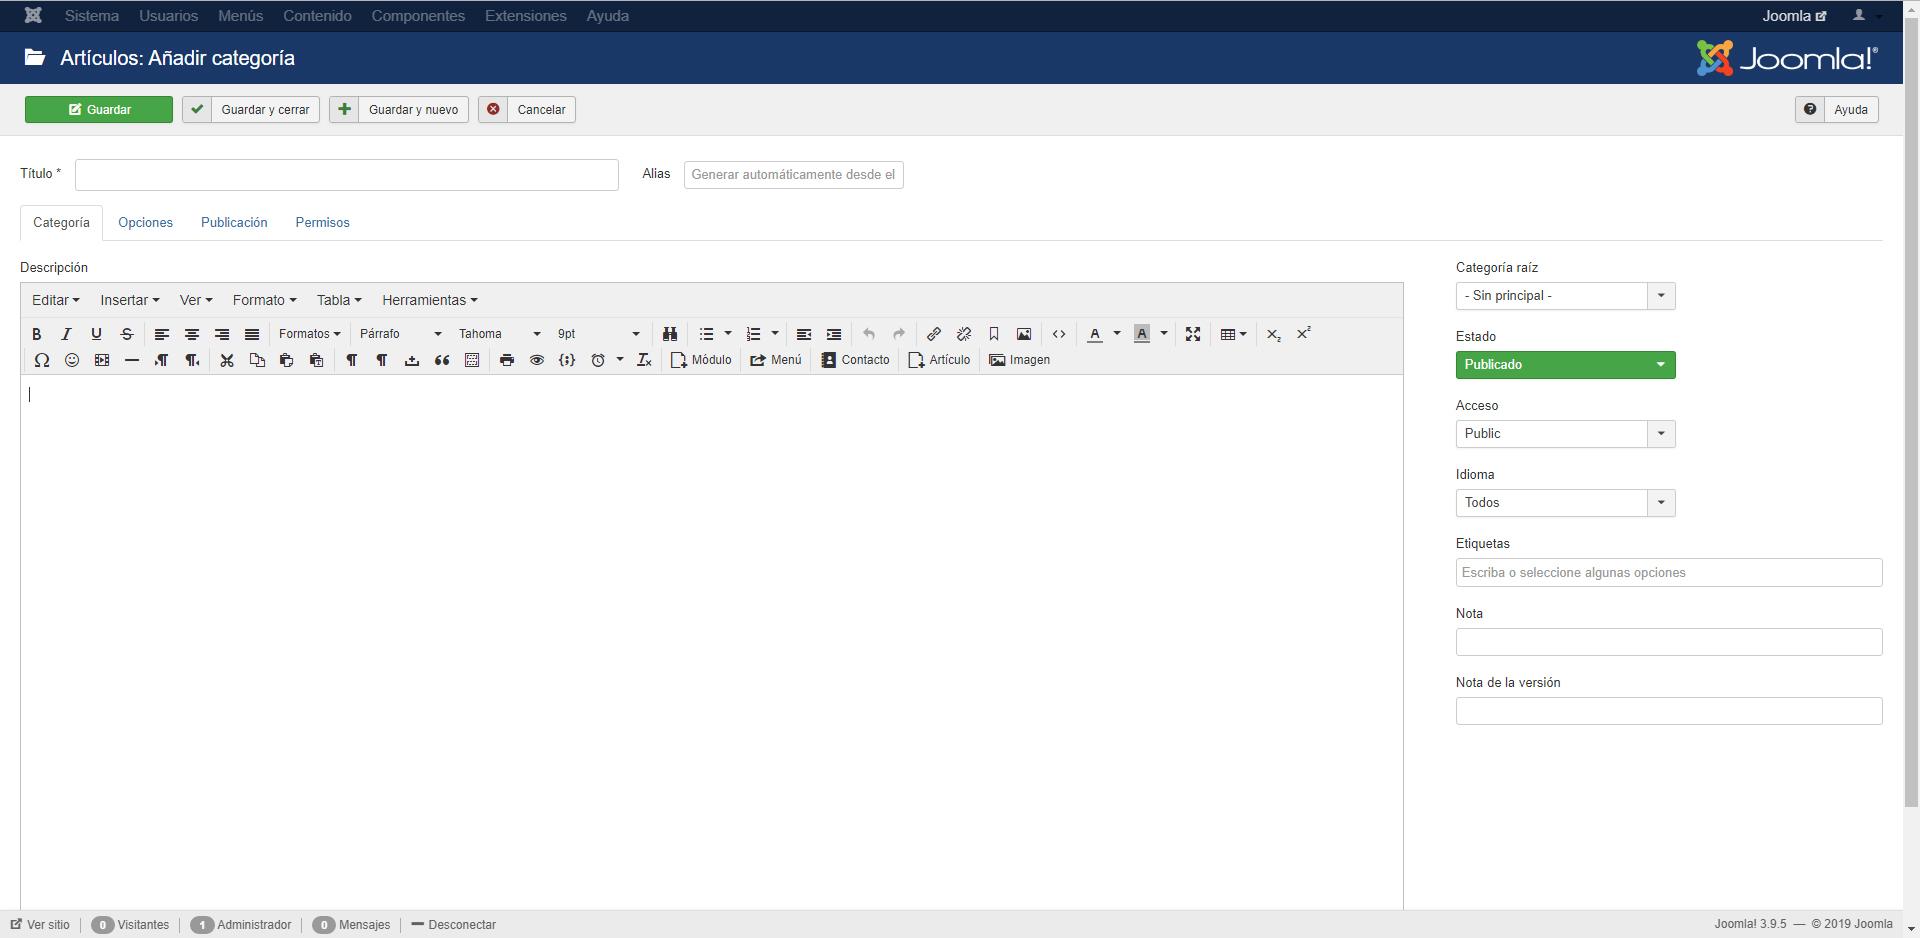 Crear categoría en Joomla